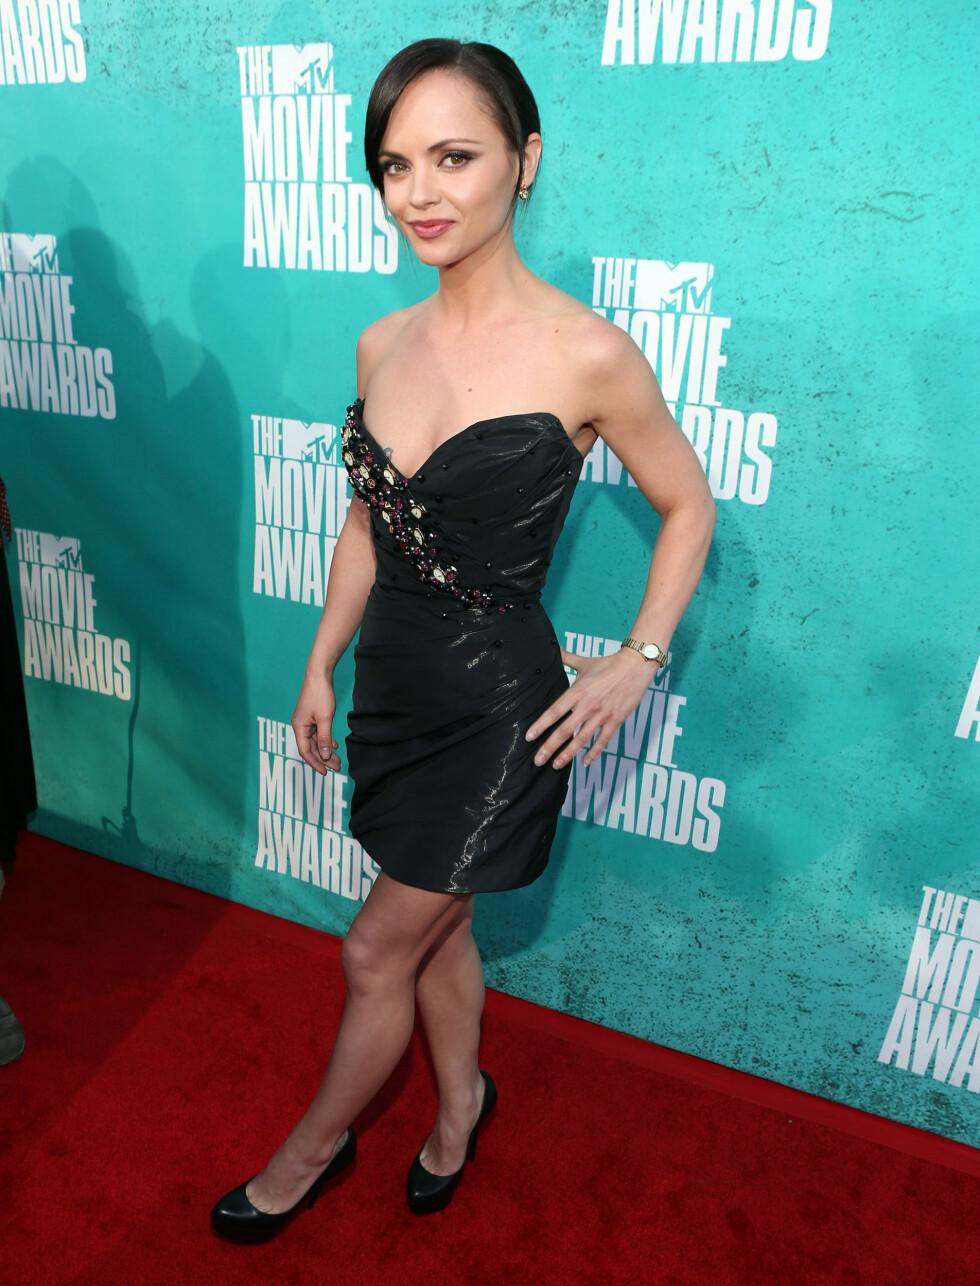 LILLE SORTE: Christina Ricci valgte den lille sorte på MTV Movie Awards. Foto: All Over Press